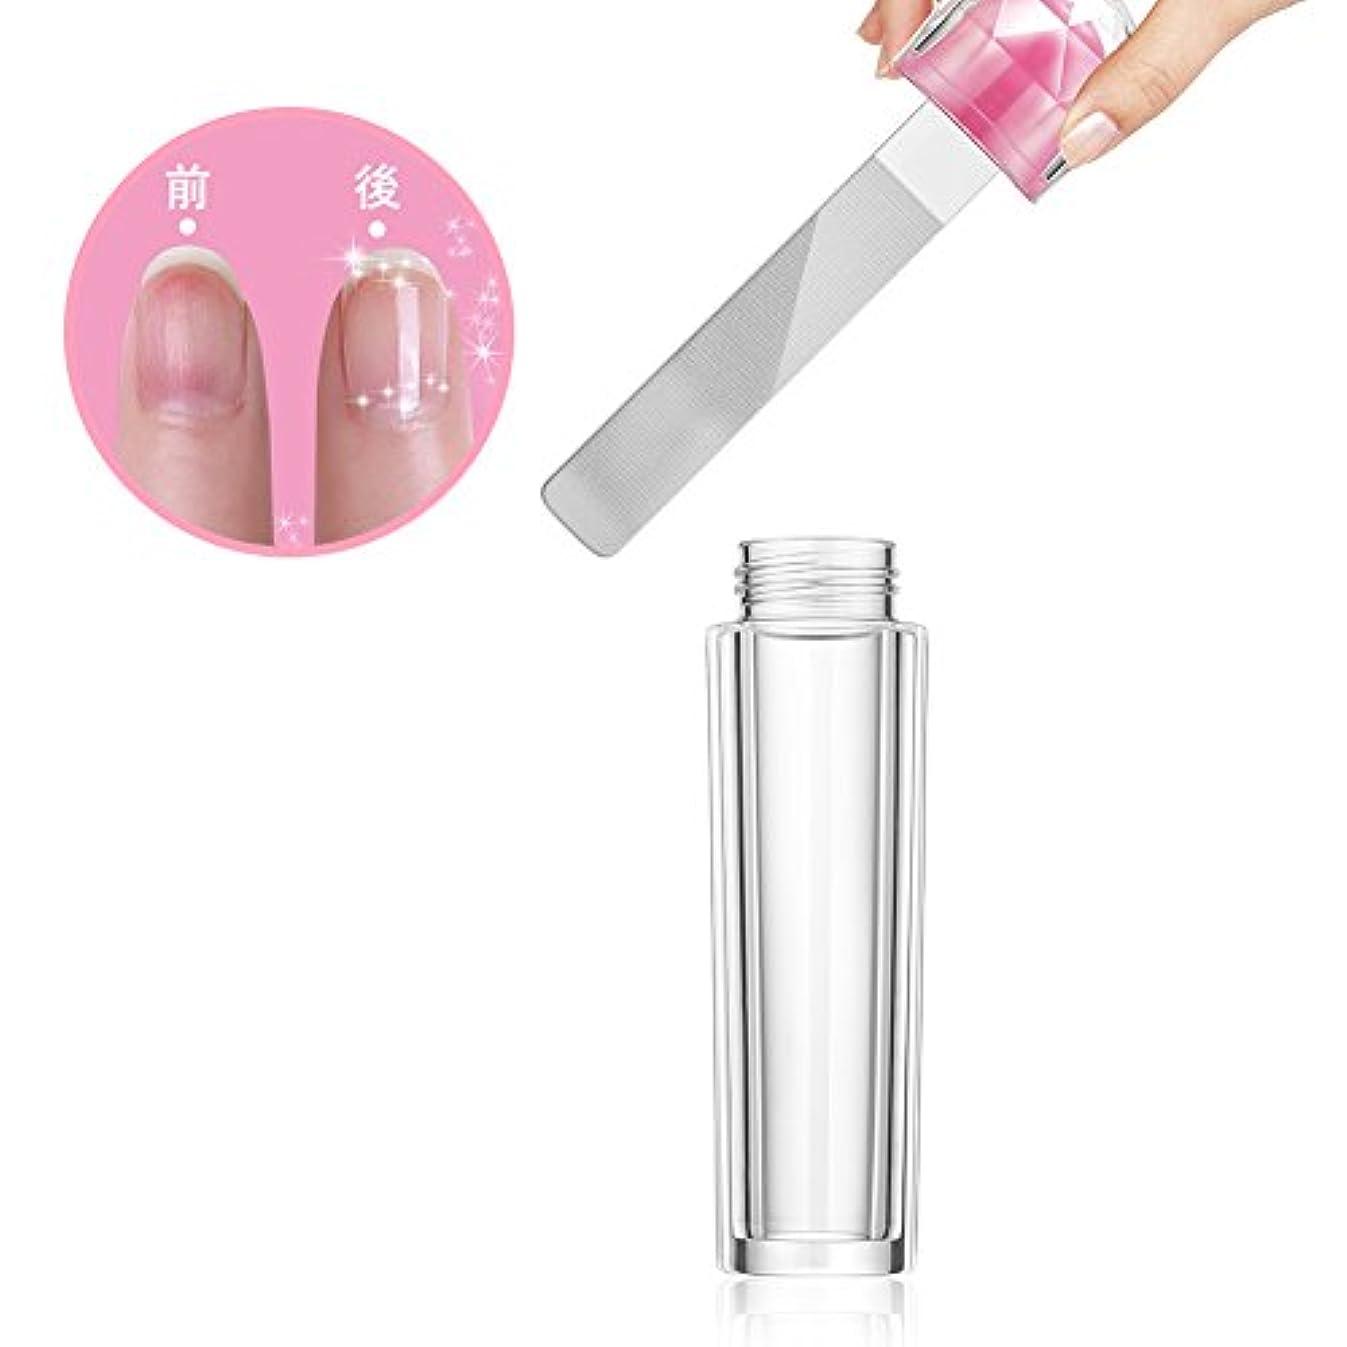 ガラス製 爪やすり 爪磨き ネイルケア ケース付き ネイルシャイナー ネイルケア (1個) (1個)